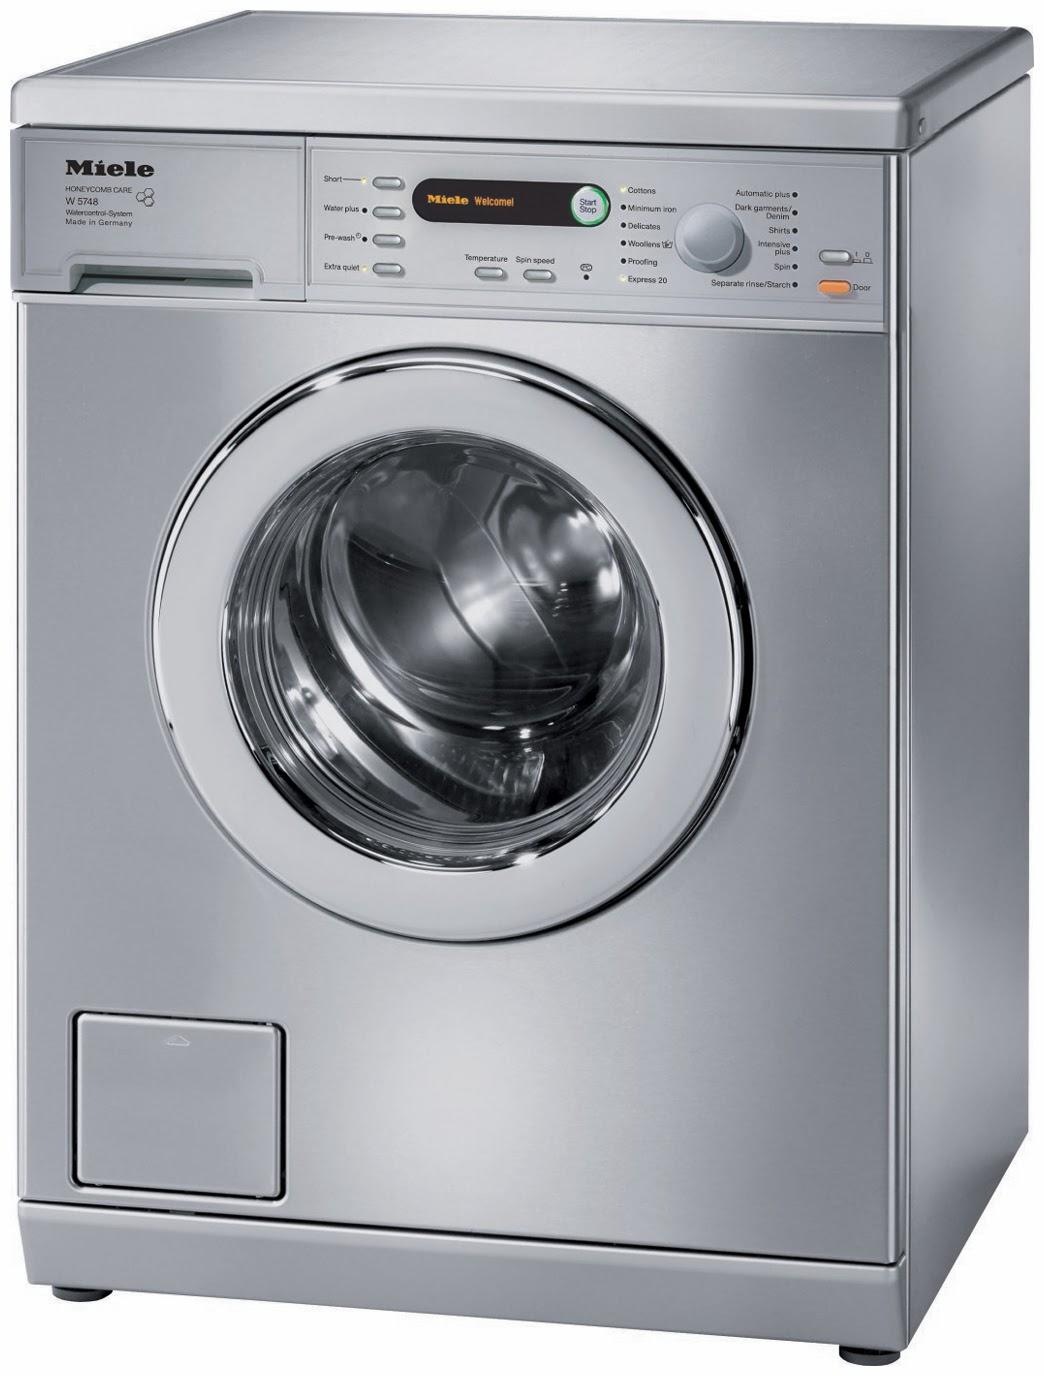 Daftar Harga Mesin Cuci di Bawah 2 Juta 2014